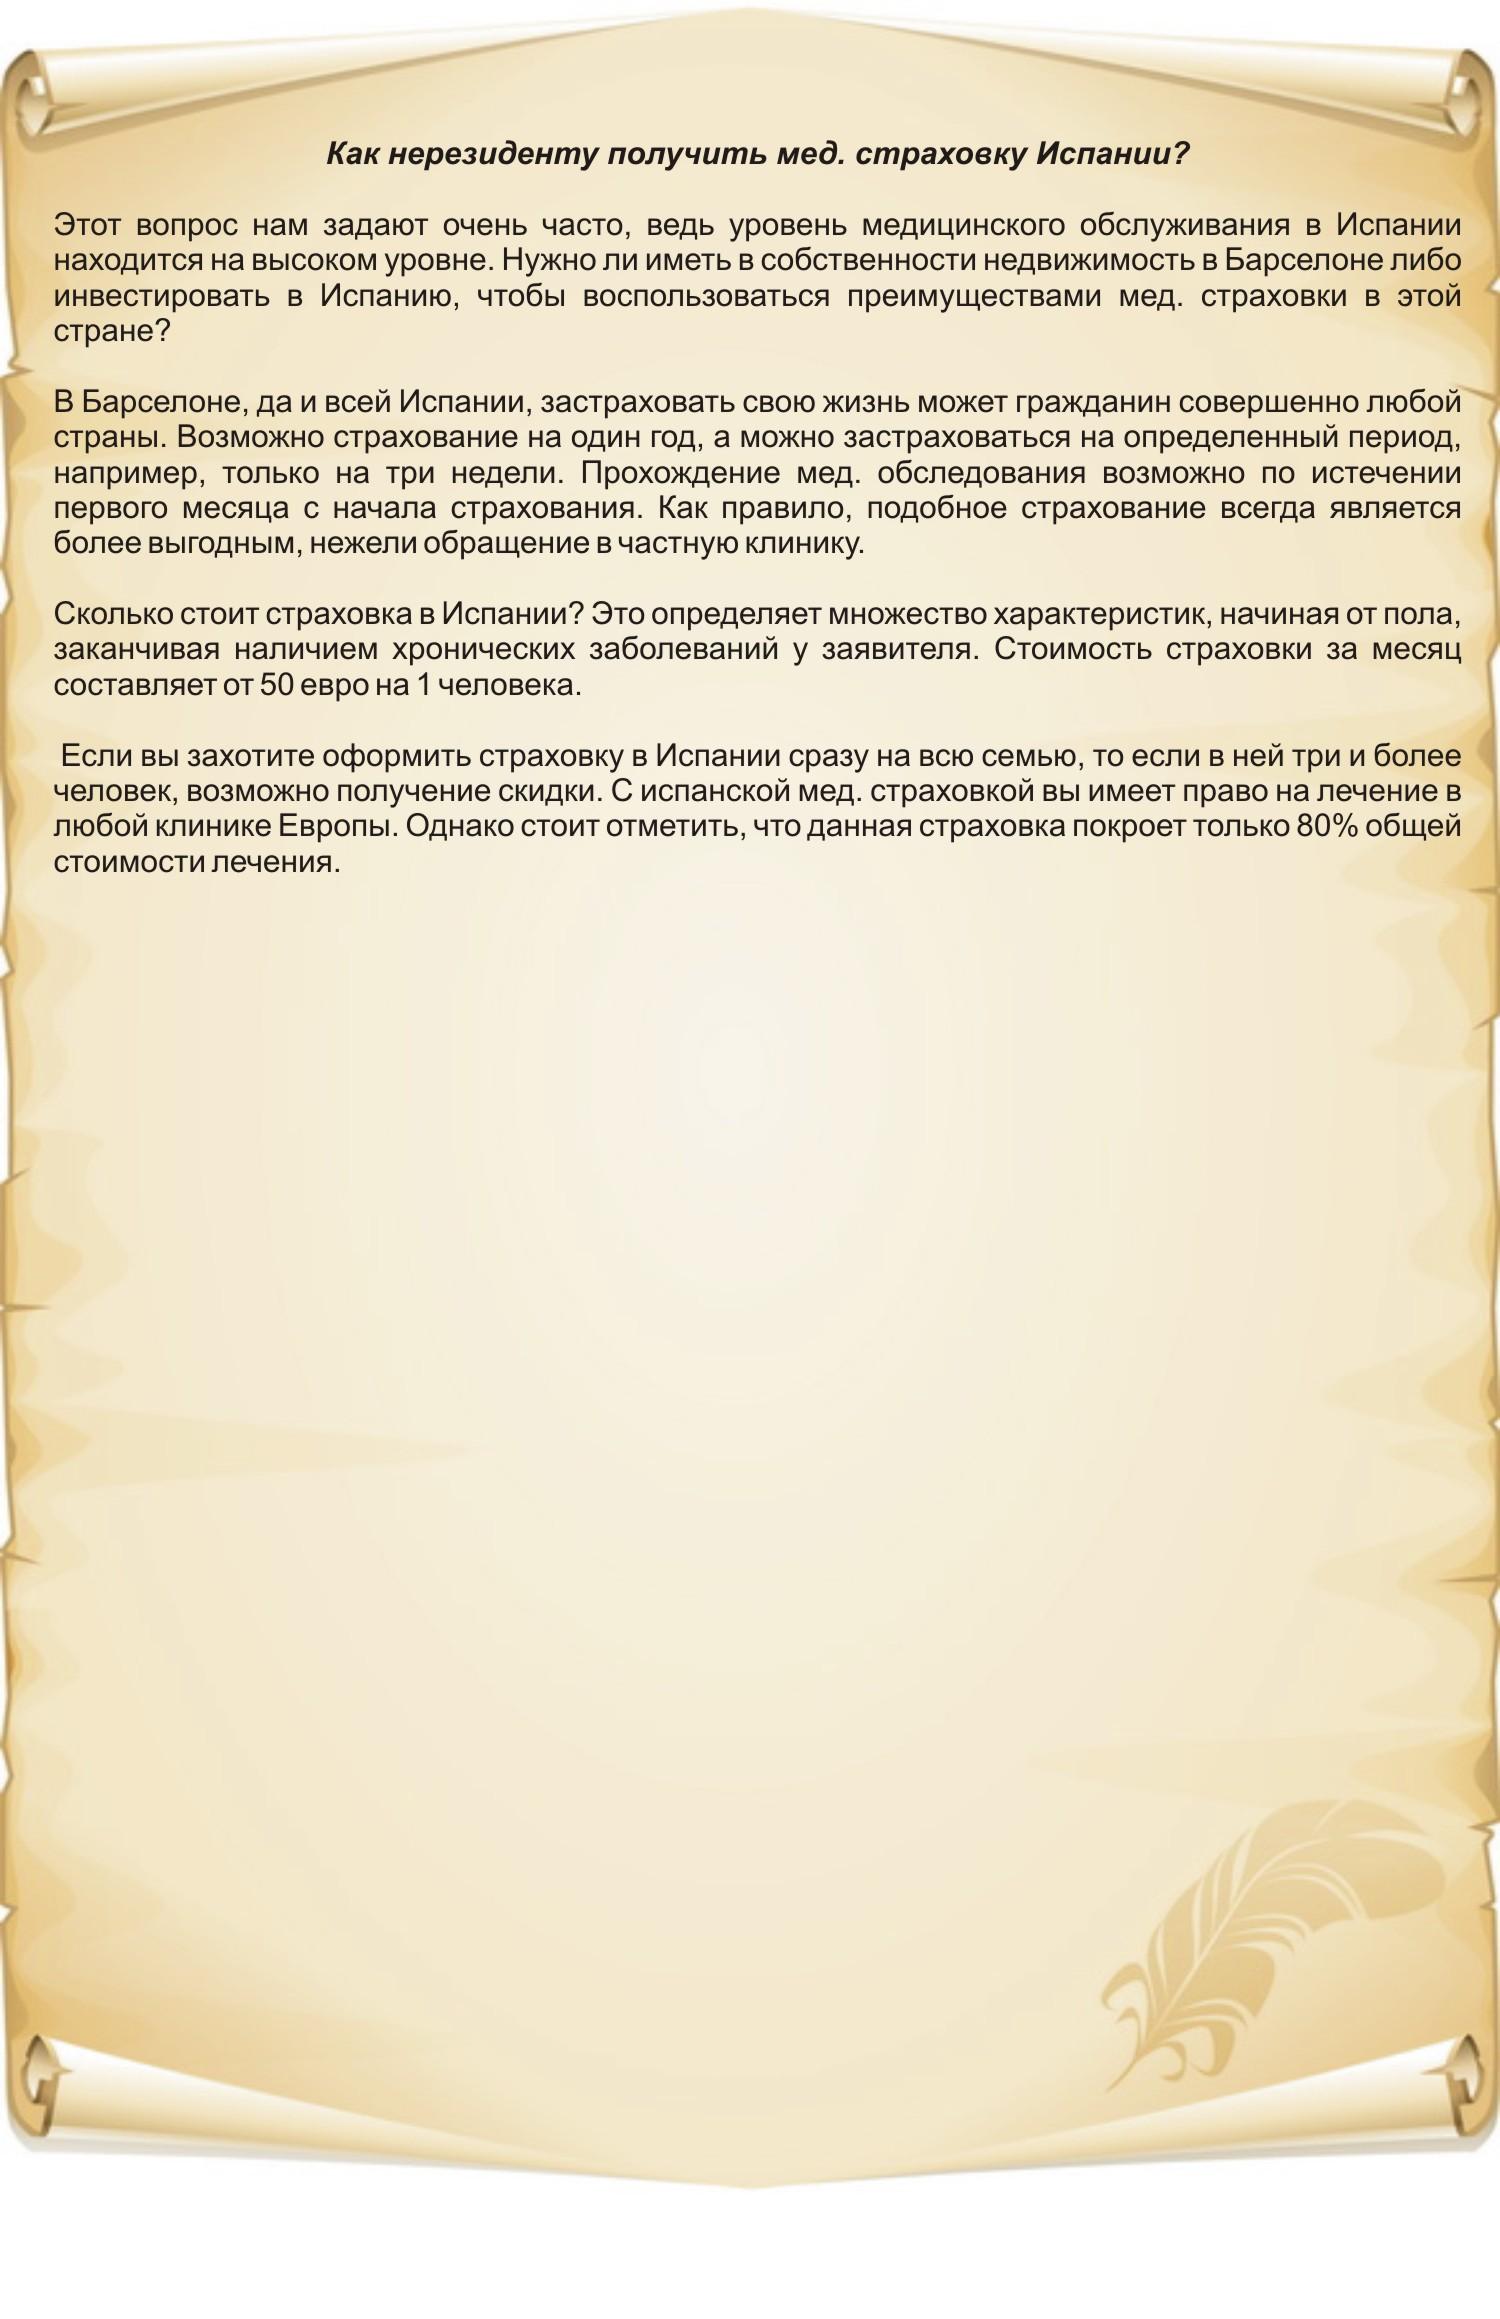 Новости для барселонского сайта (инвестиции в недвижимость)